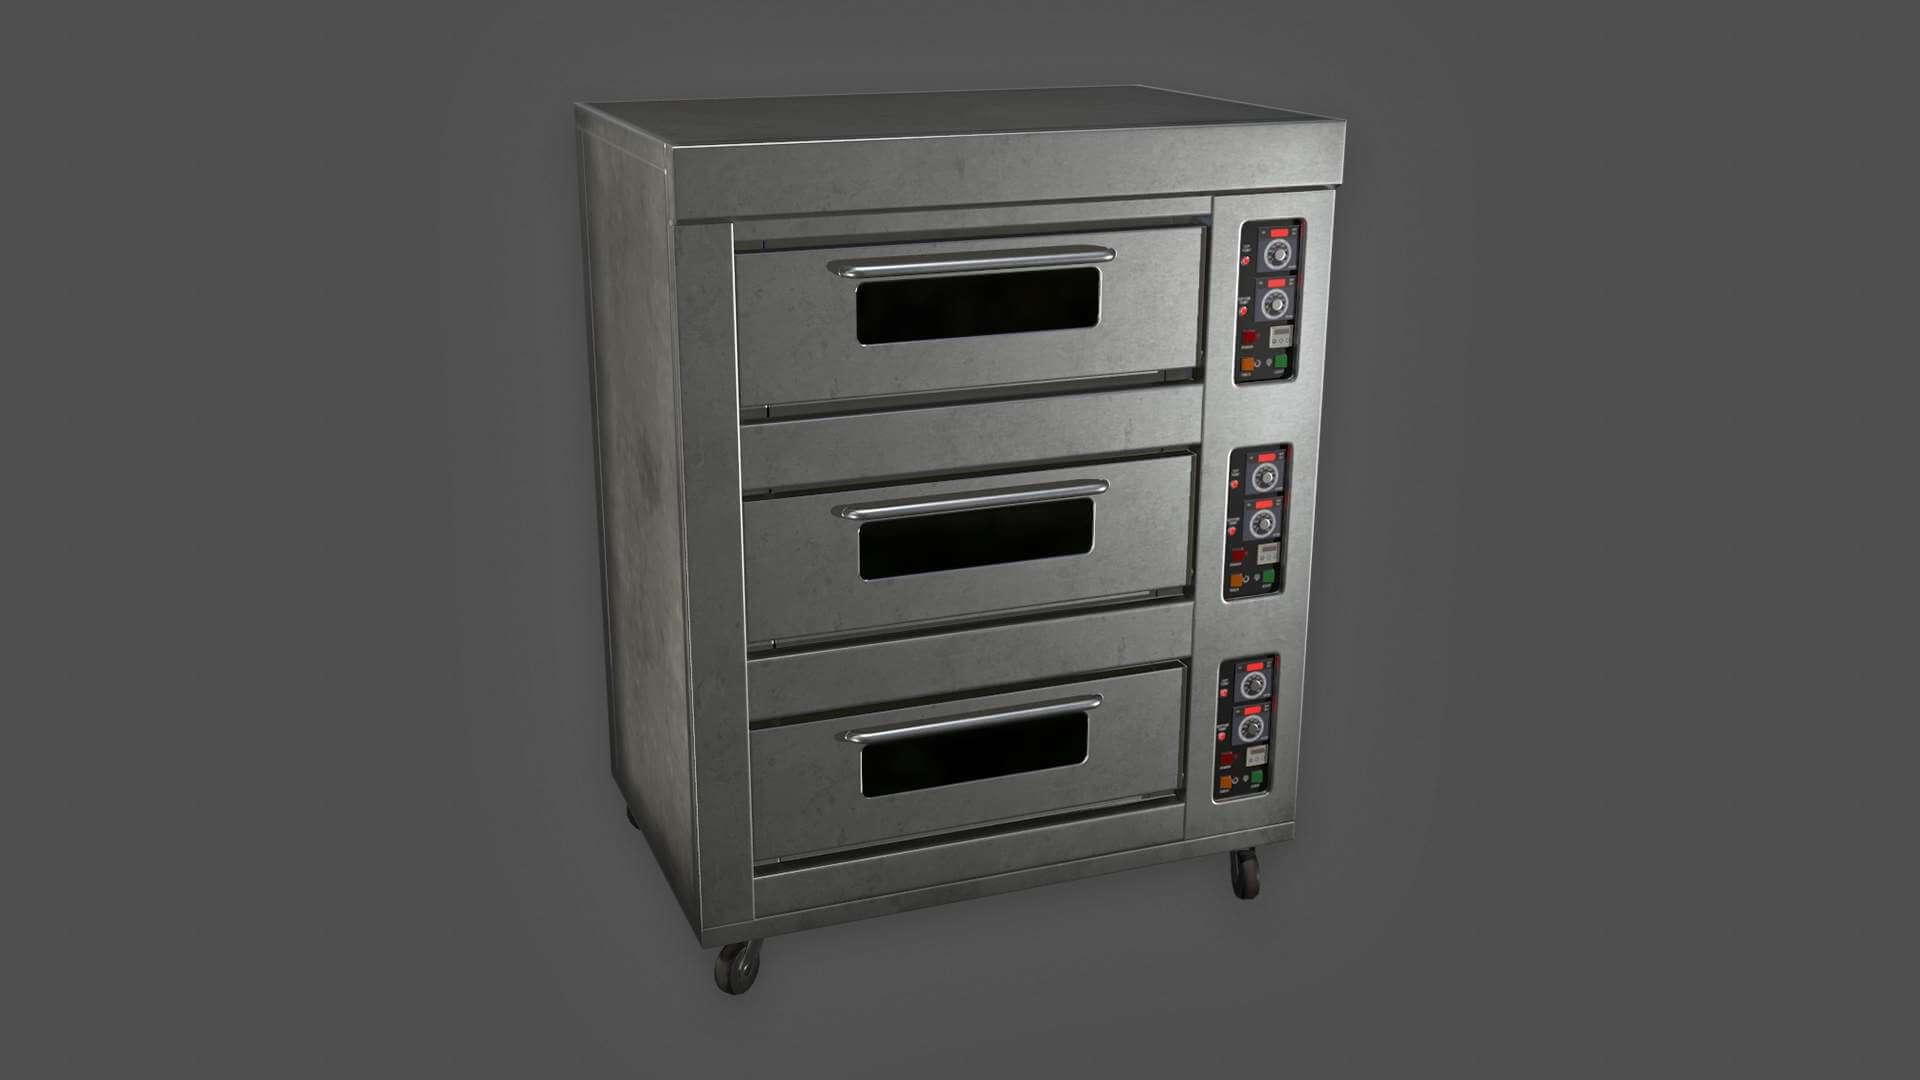 Industrial Oven 3D Model